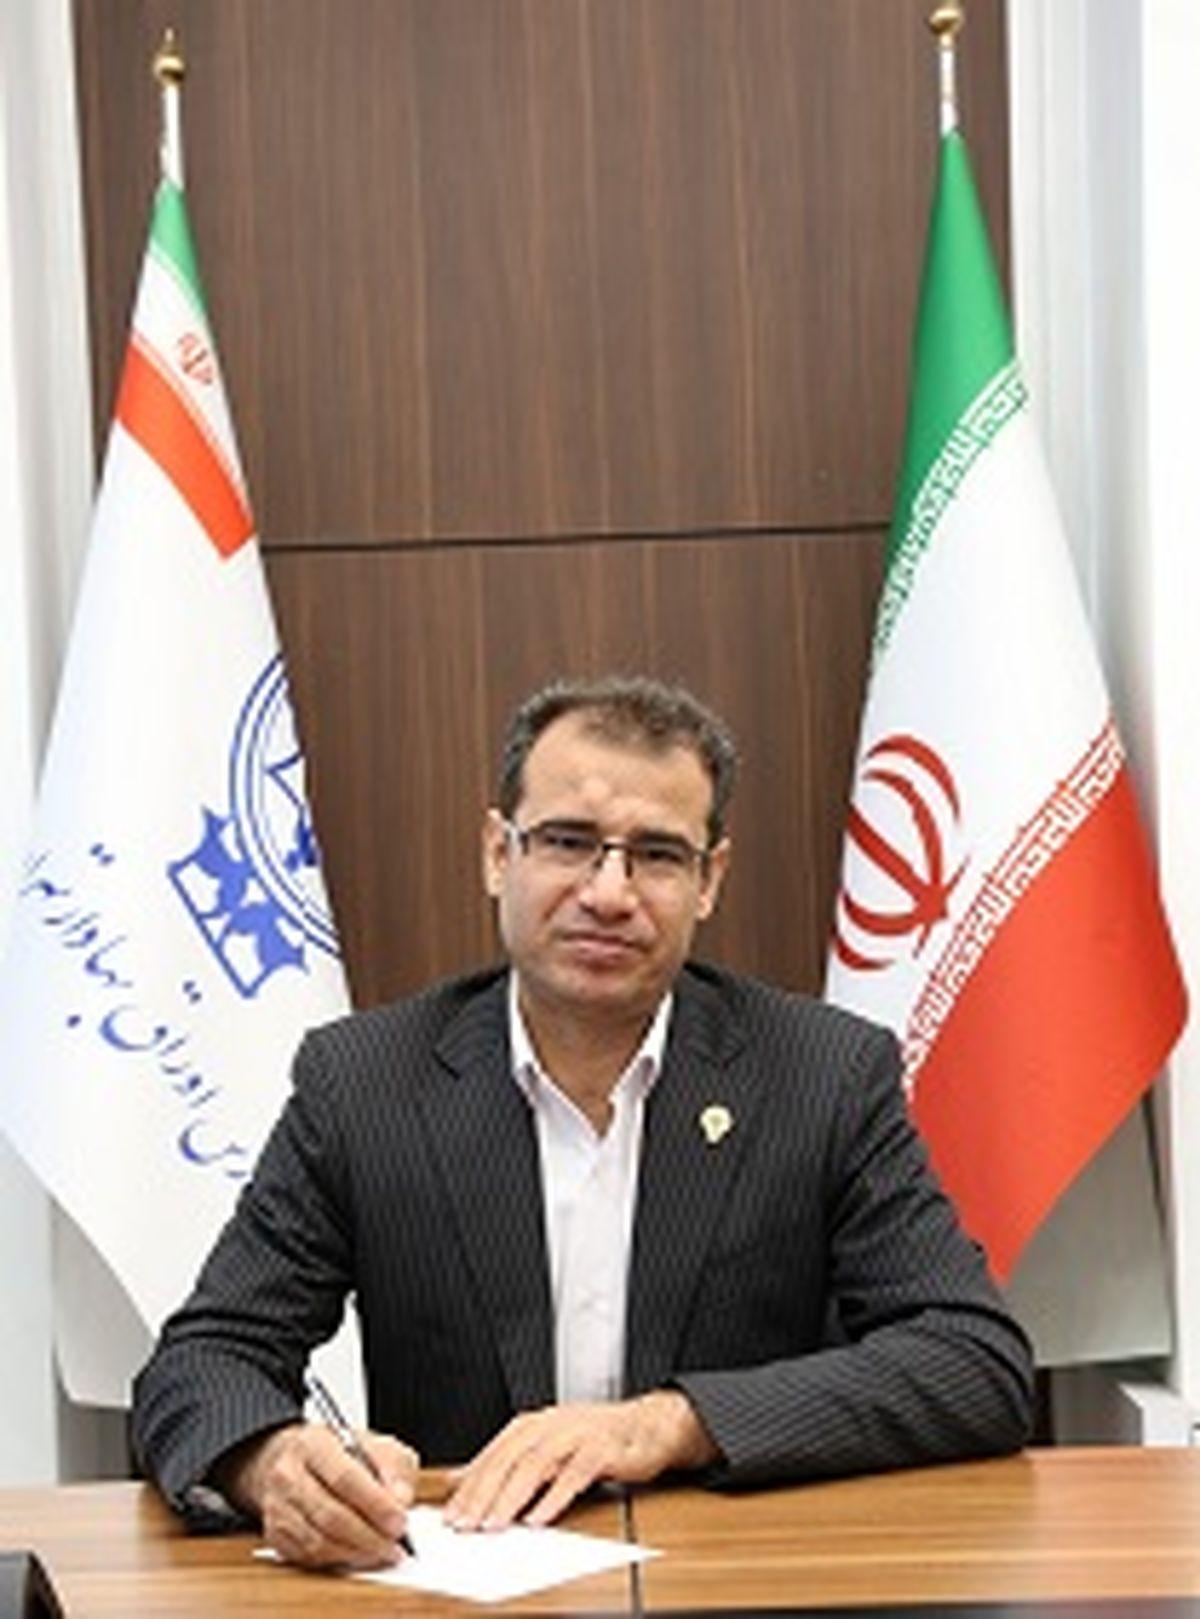 مدیرعامل بورس تهران: عرضه حقوقی ها محدود می شود